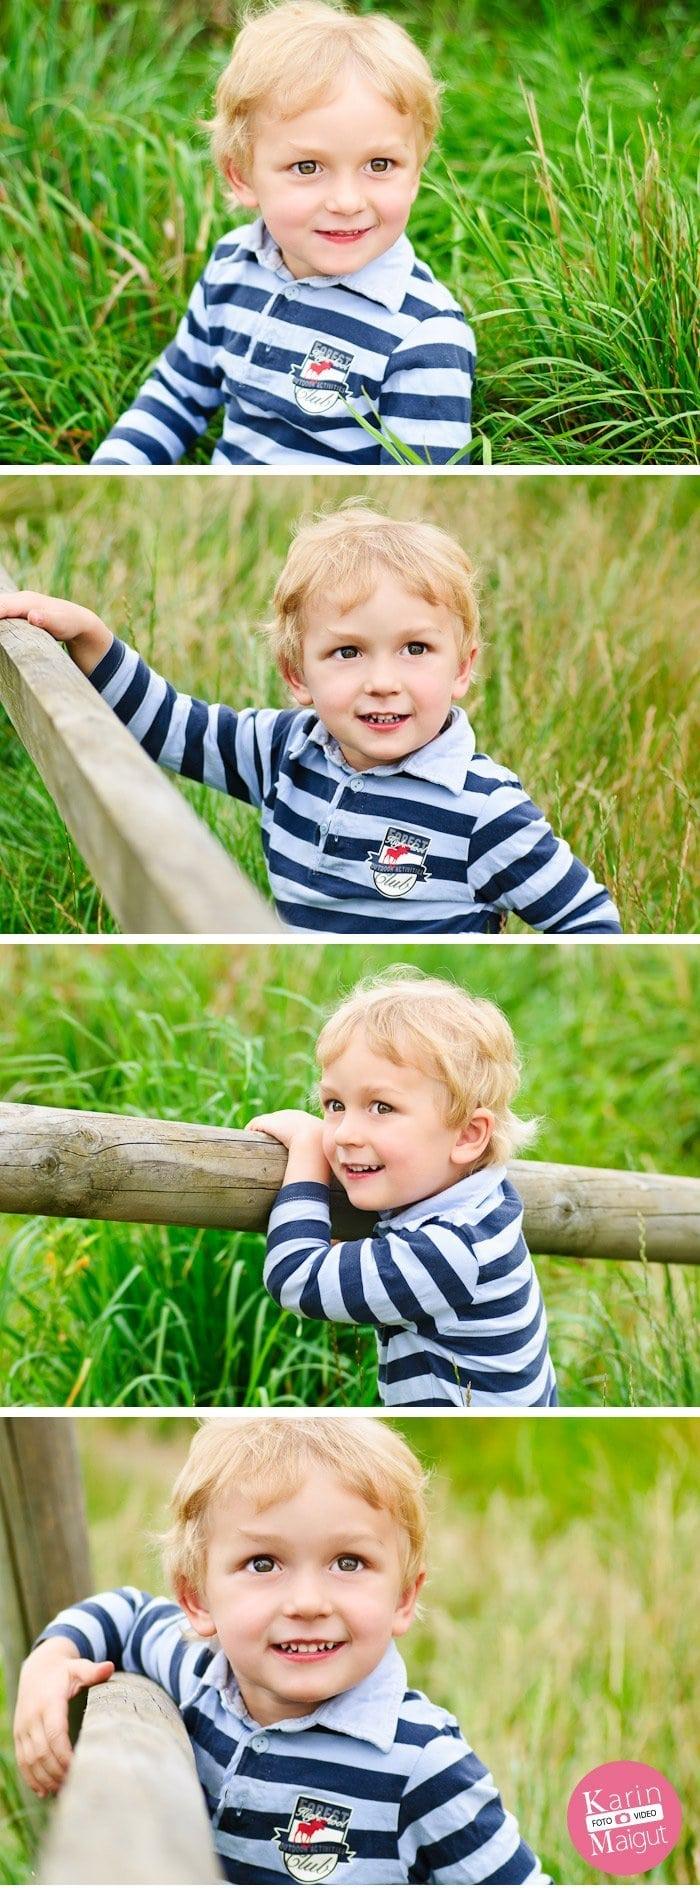 Fotografien vom Kindershooting mit Paulchen